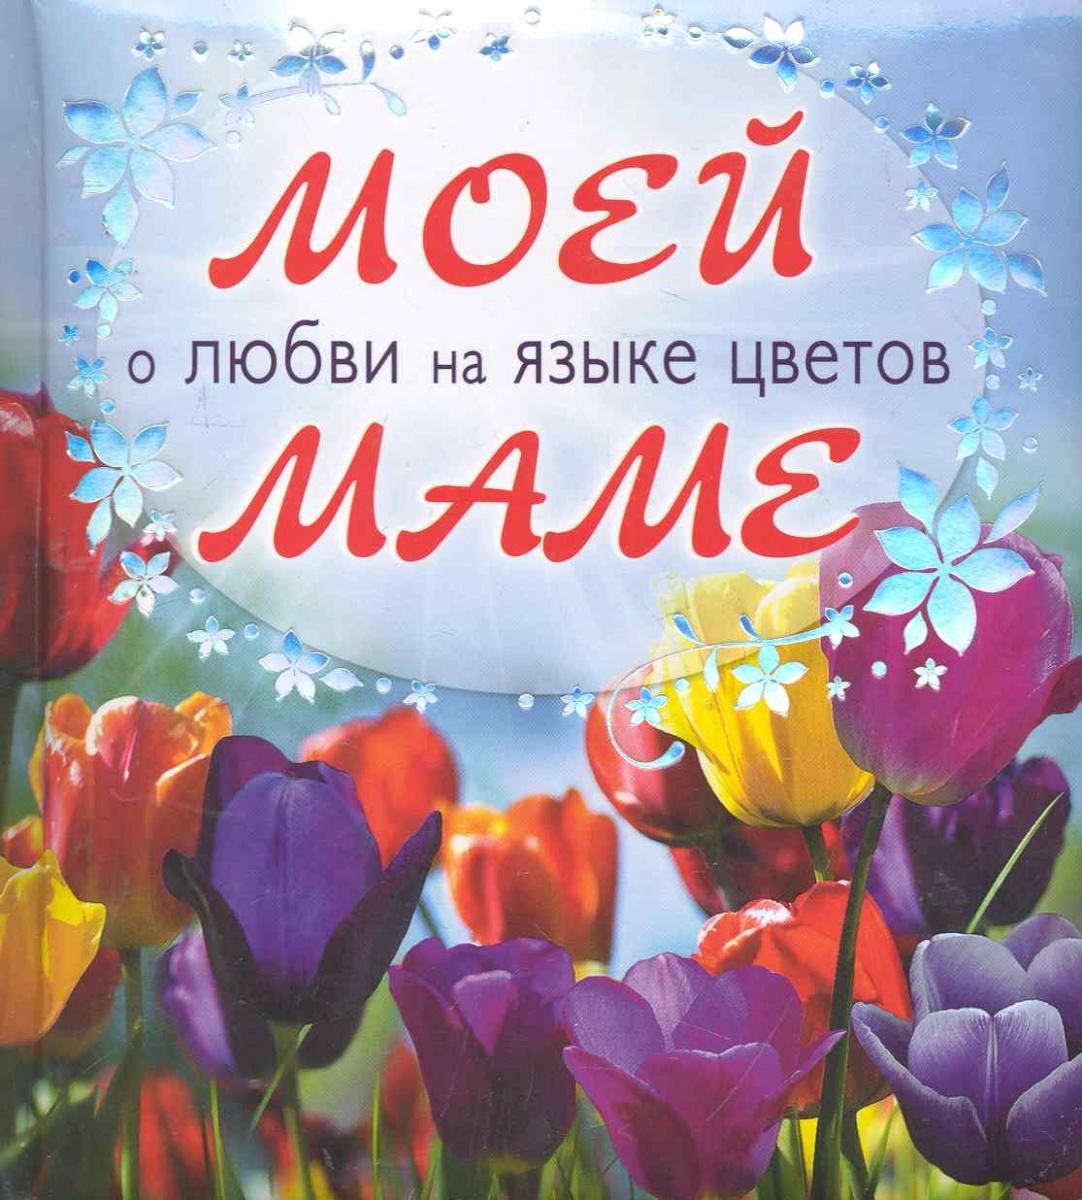 Моей маме о любви на языке цветов михалков н с территория моей любви